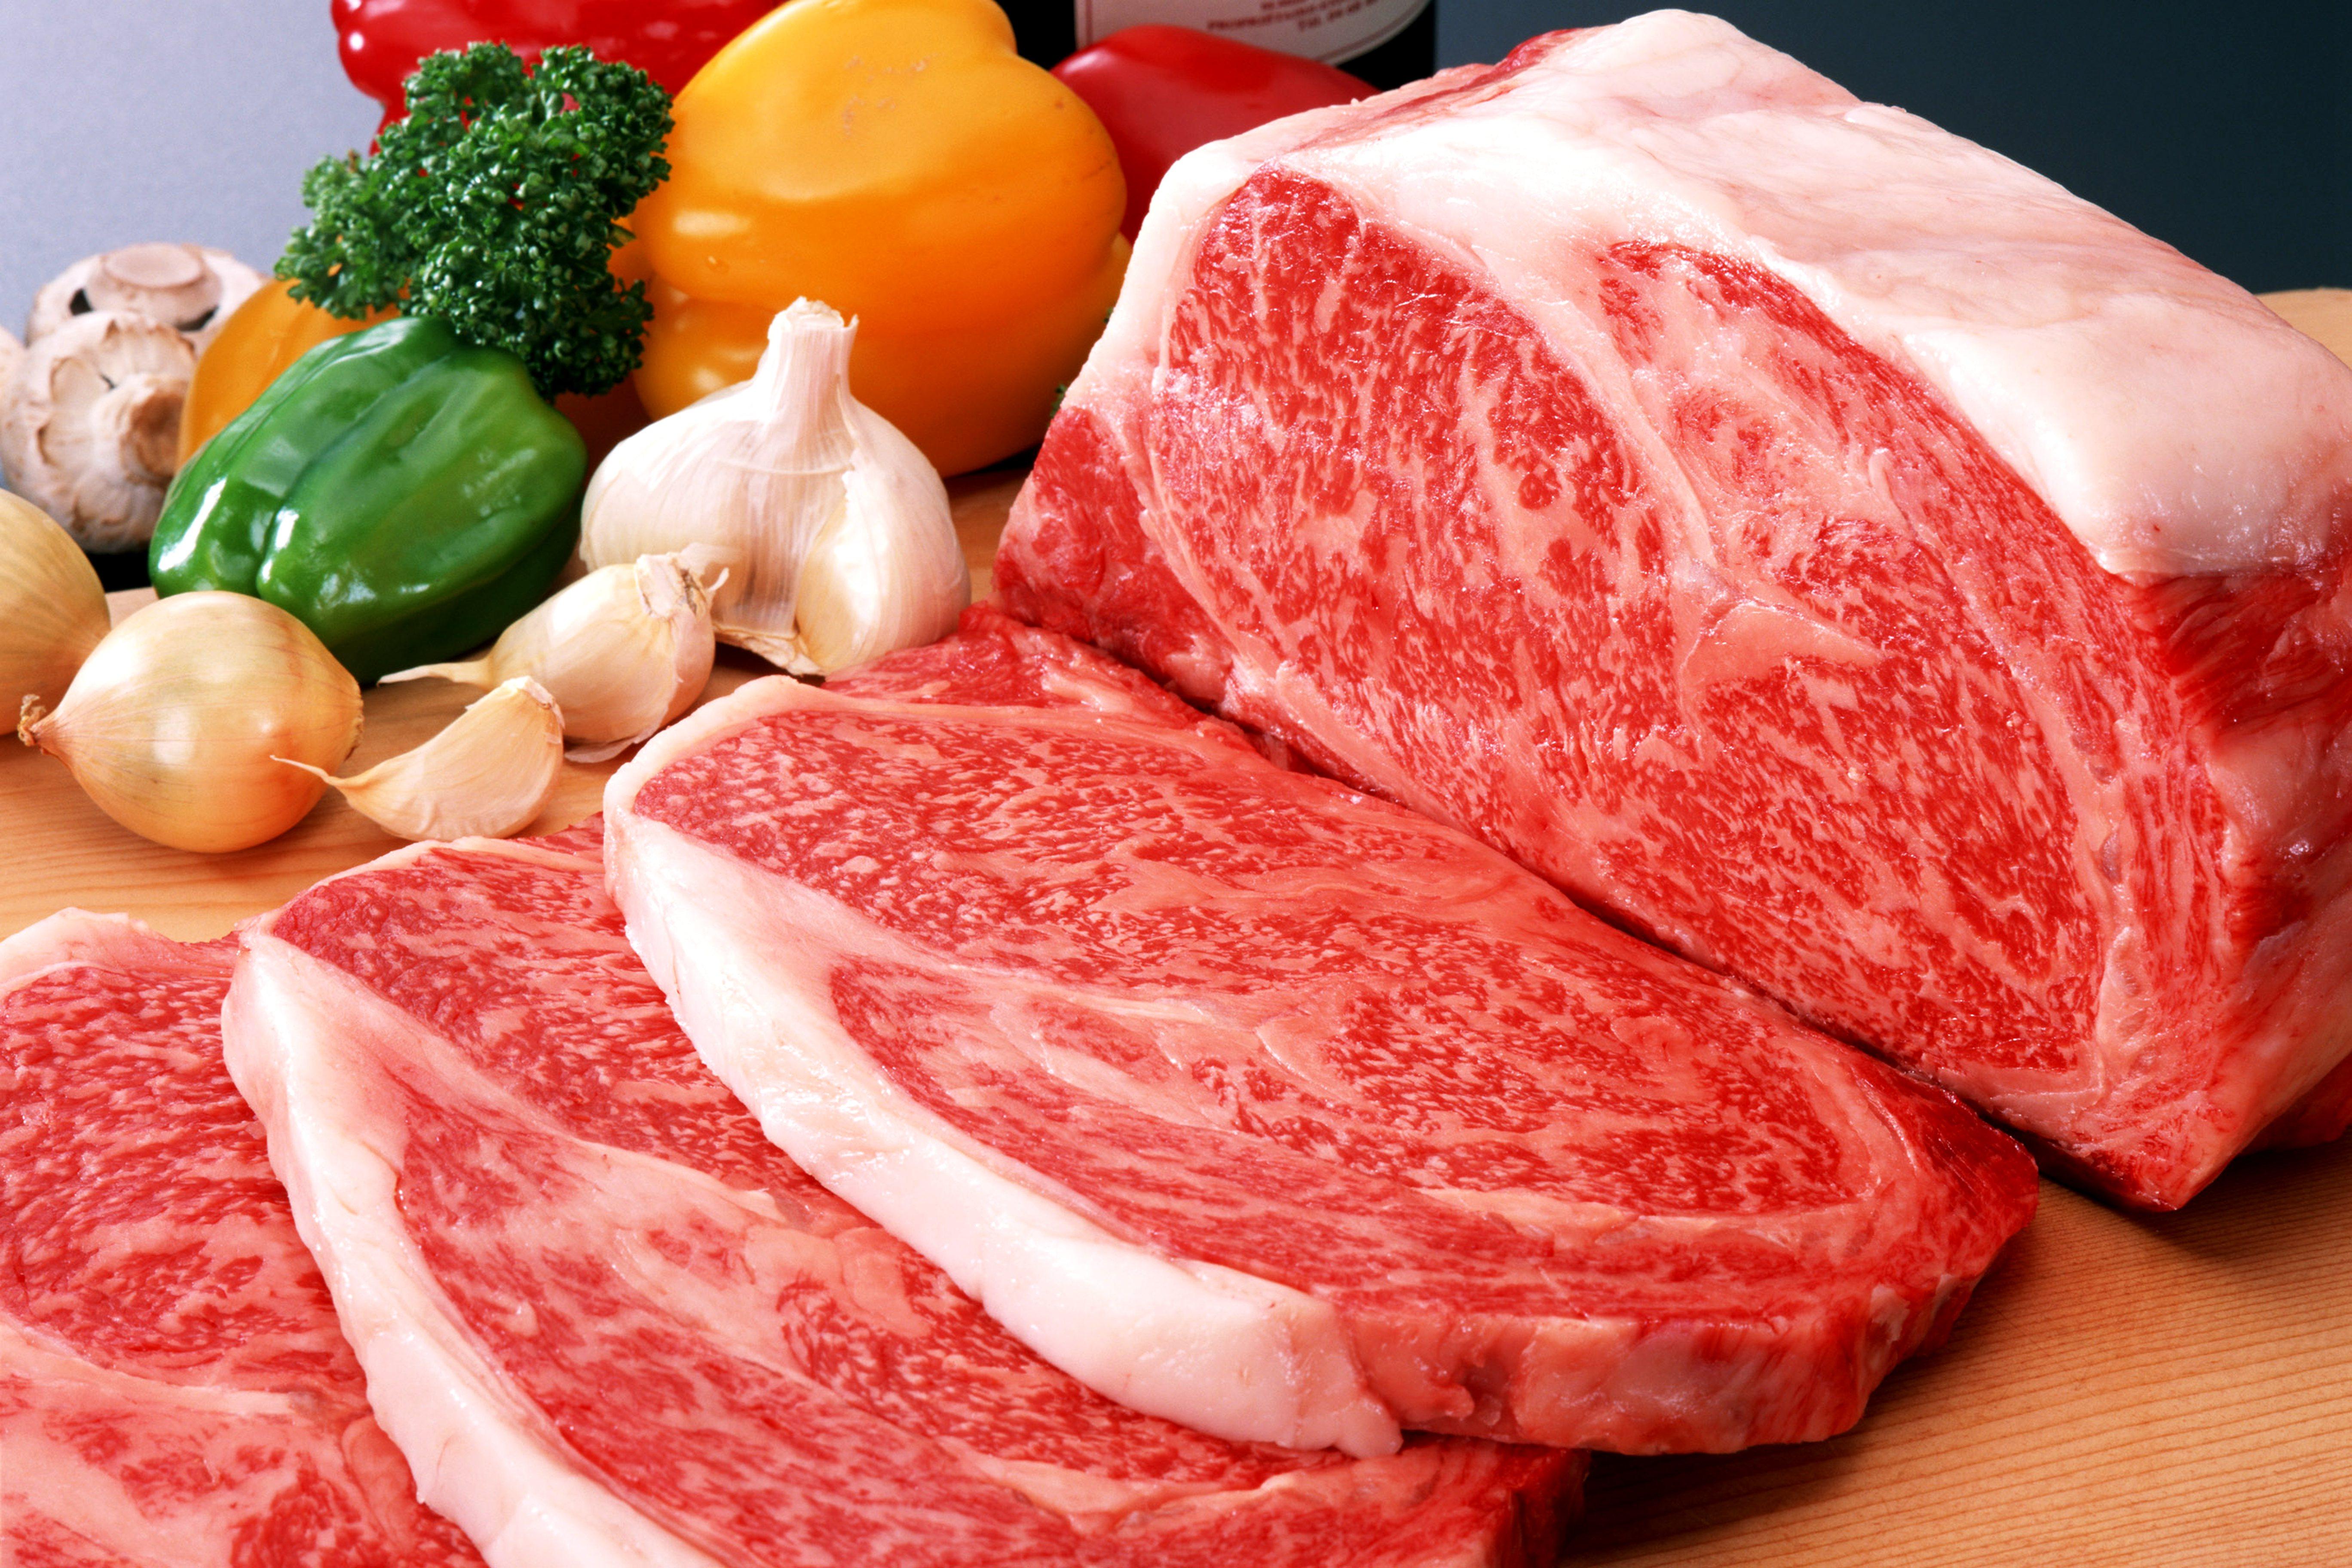 冷鲜肉产品